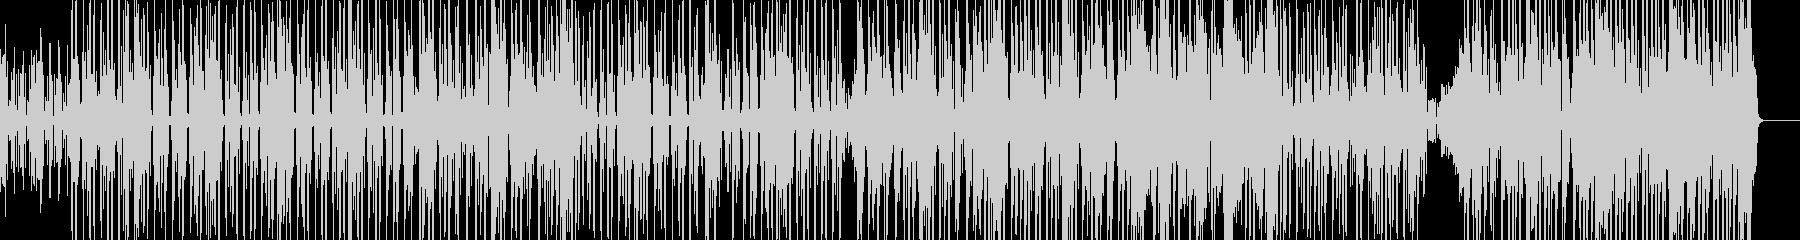 脱力系でファンキーなヒップホップ Aの未再生の波形